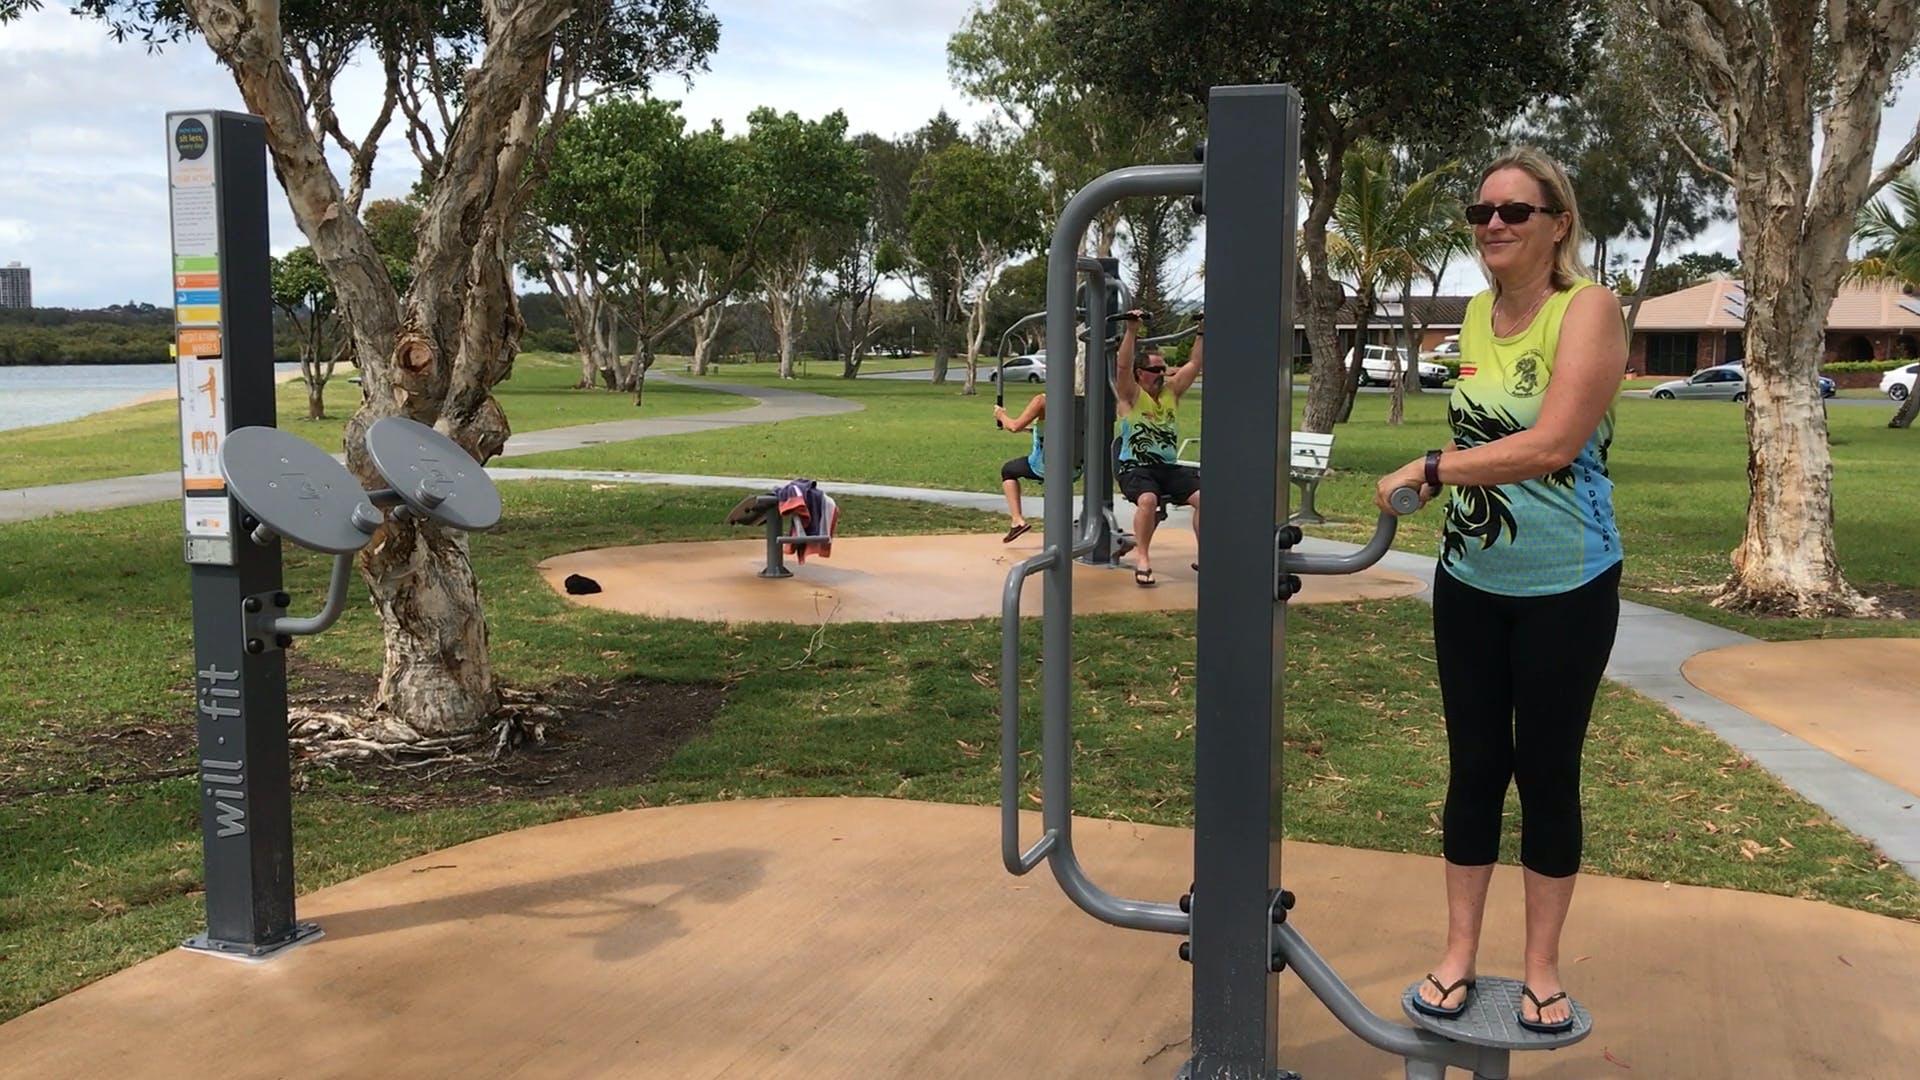 Example of outdoor fitness equipment, John Follent Park (Tweed Heads)